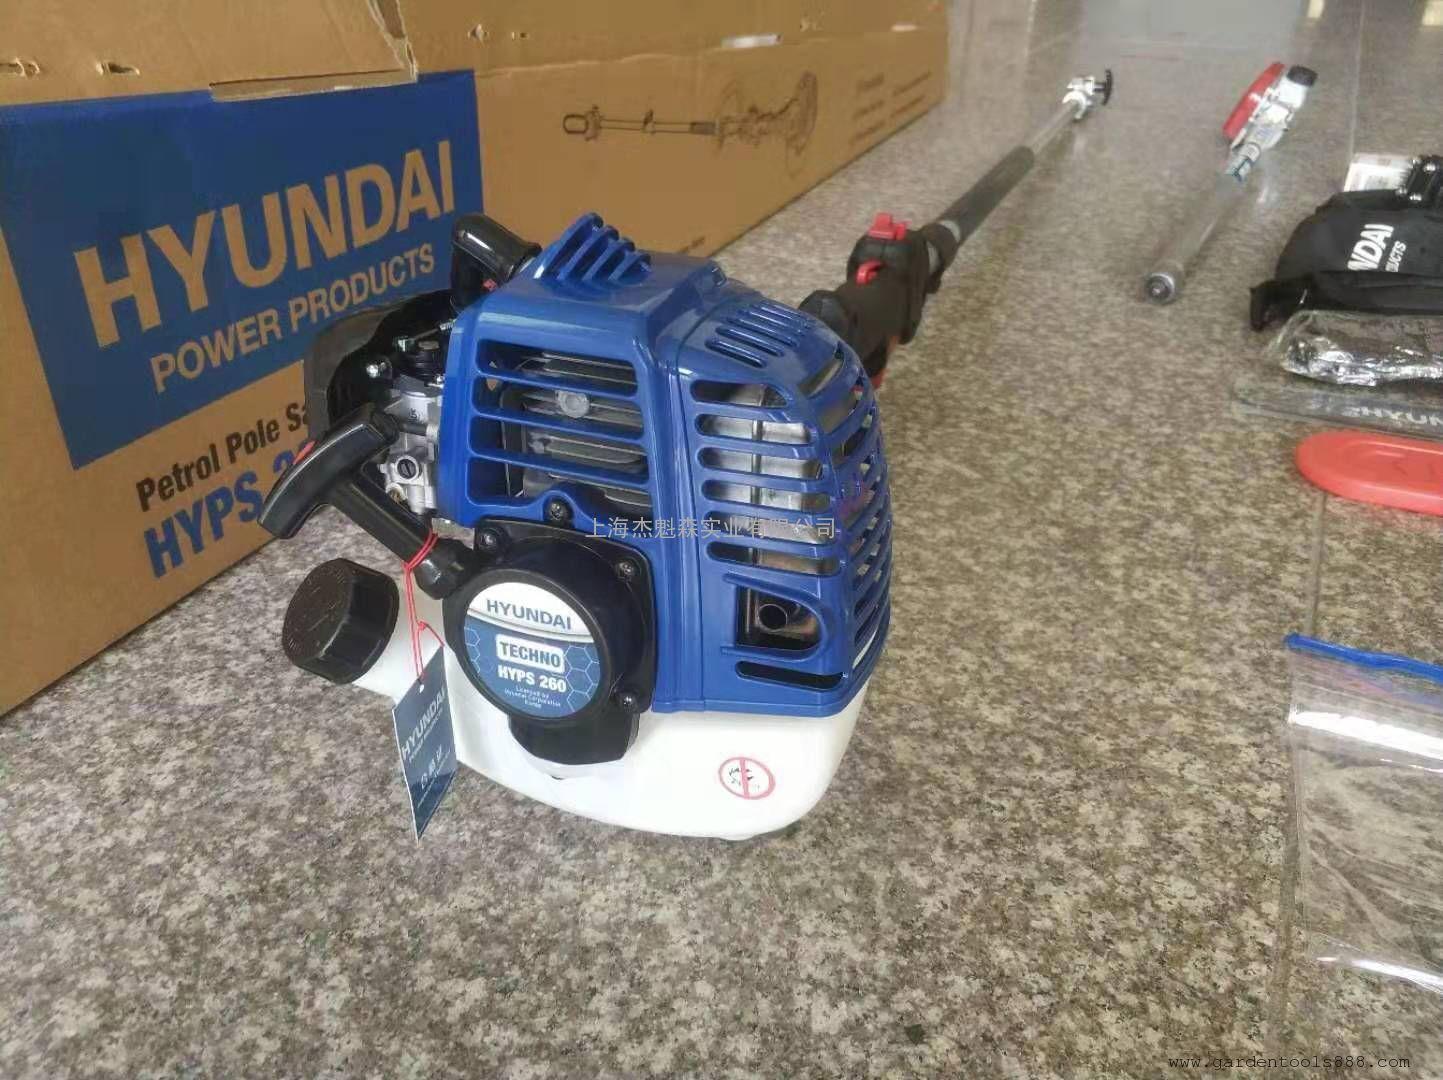 HYUNDAI现代高枝油锯HYAG260 高空修剪锯 3米高枝锯 修枝锯